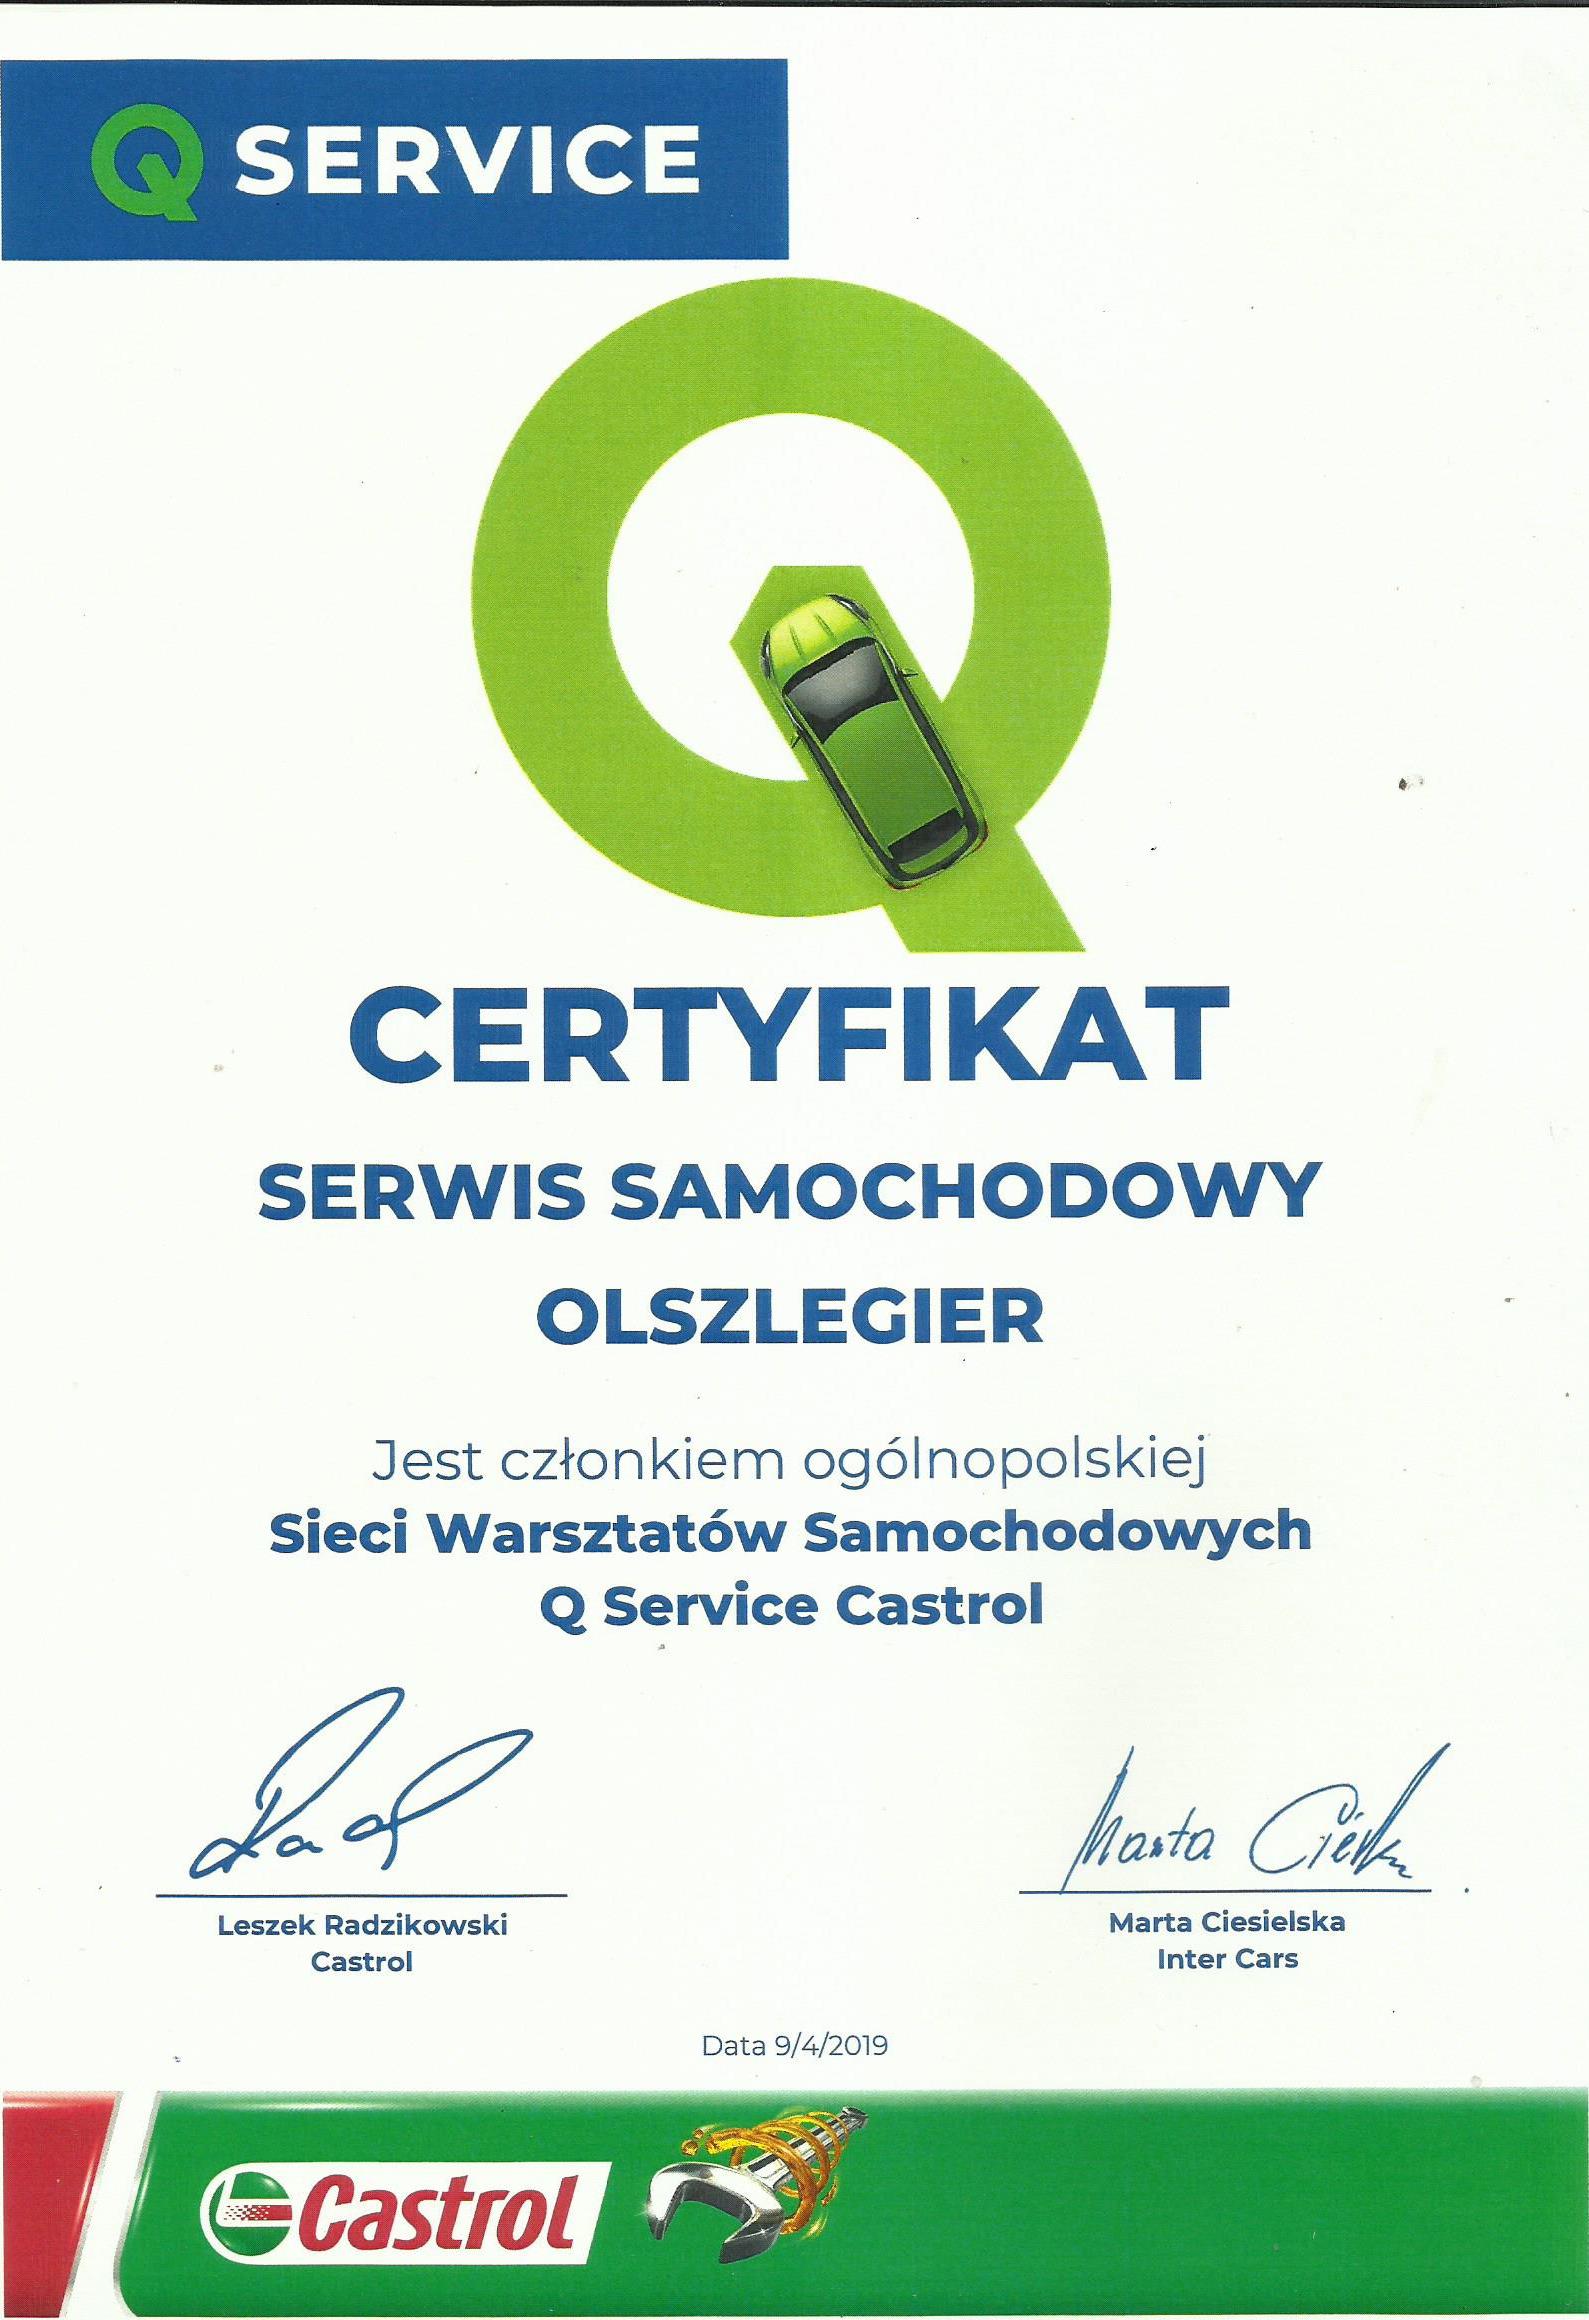 SERWIS SAMOCHODOWY OLSZLEGIER photo-0